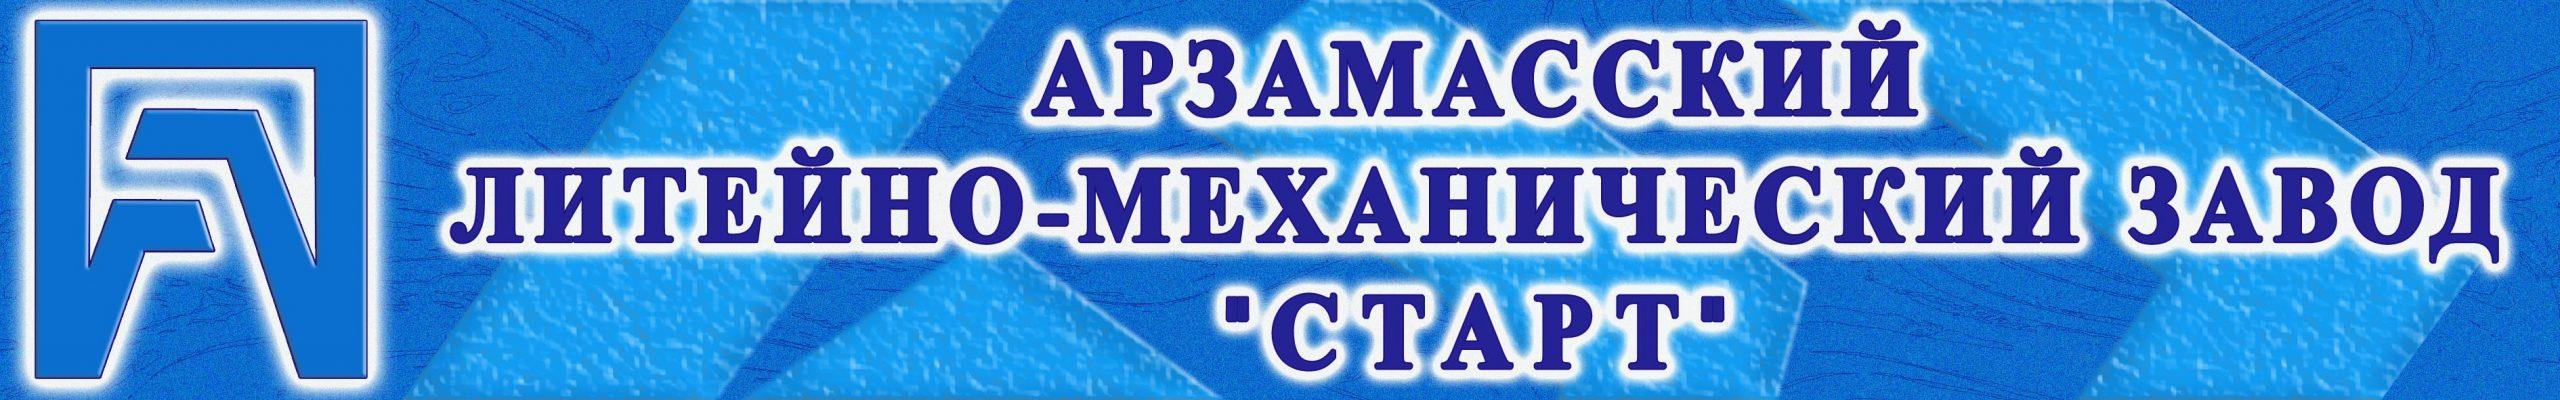 http://lmzstart.ru